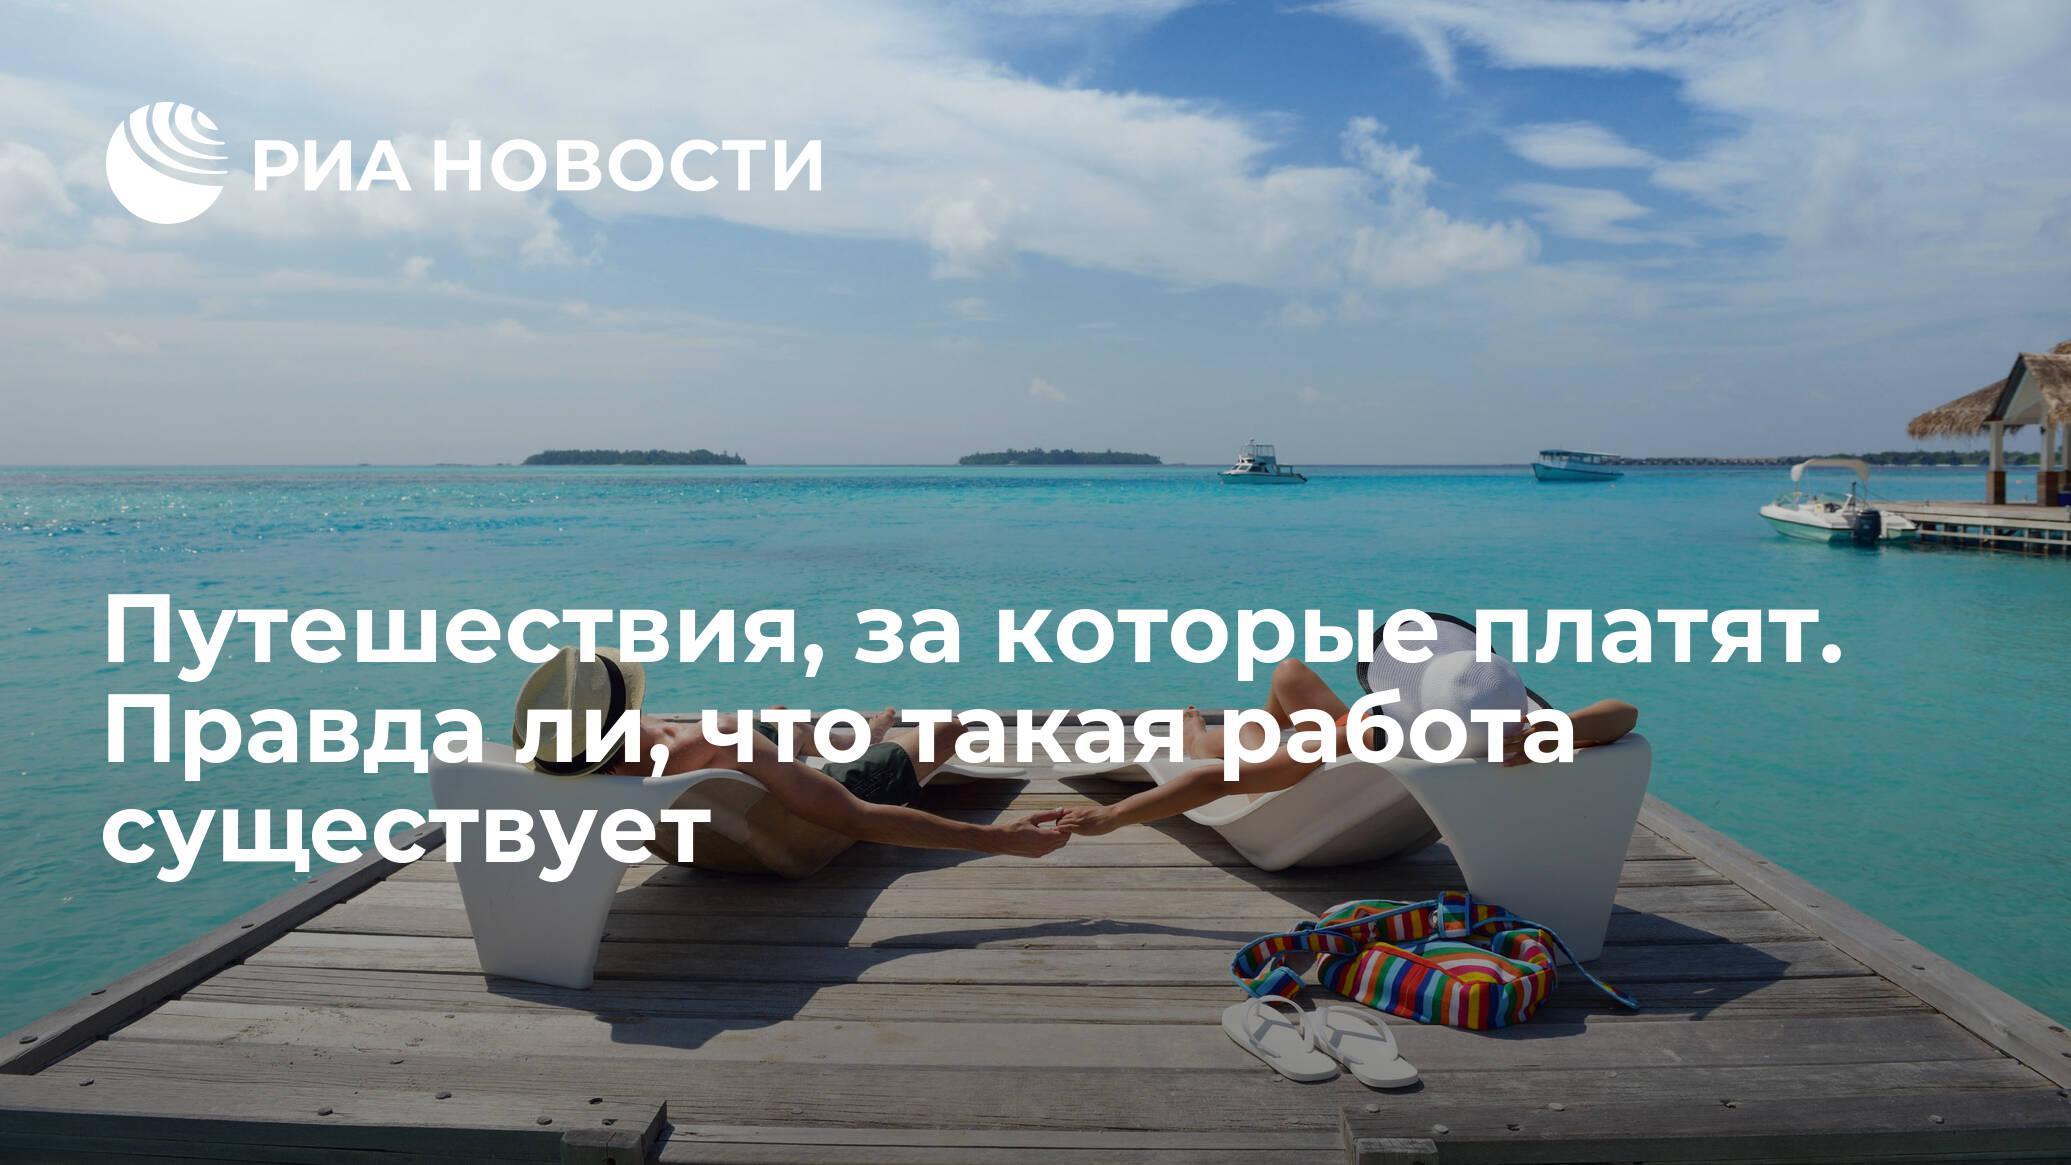 22380d45a4ac Правда ли, что такая работа существует - РИА Новости, 04.03.2019